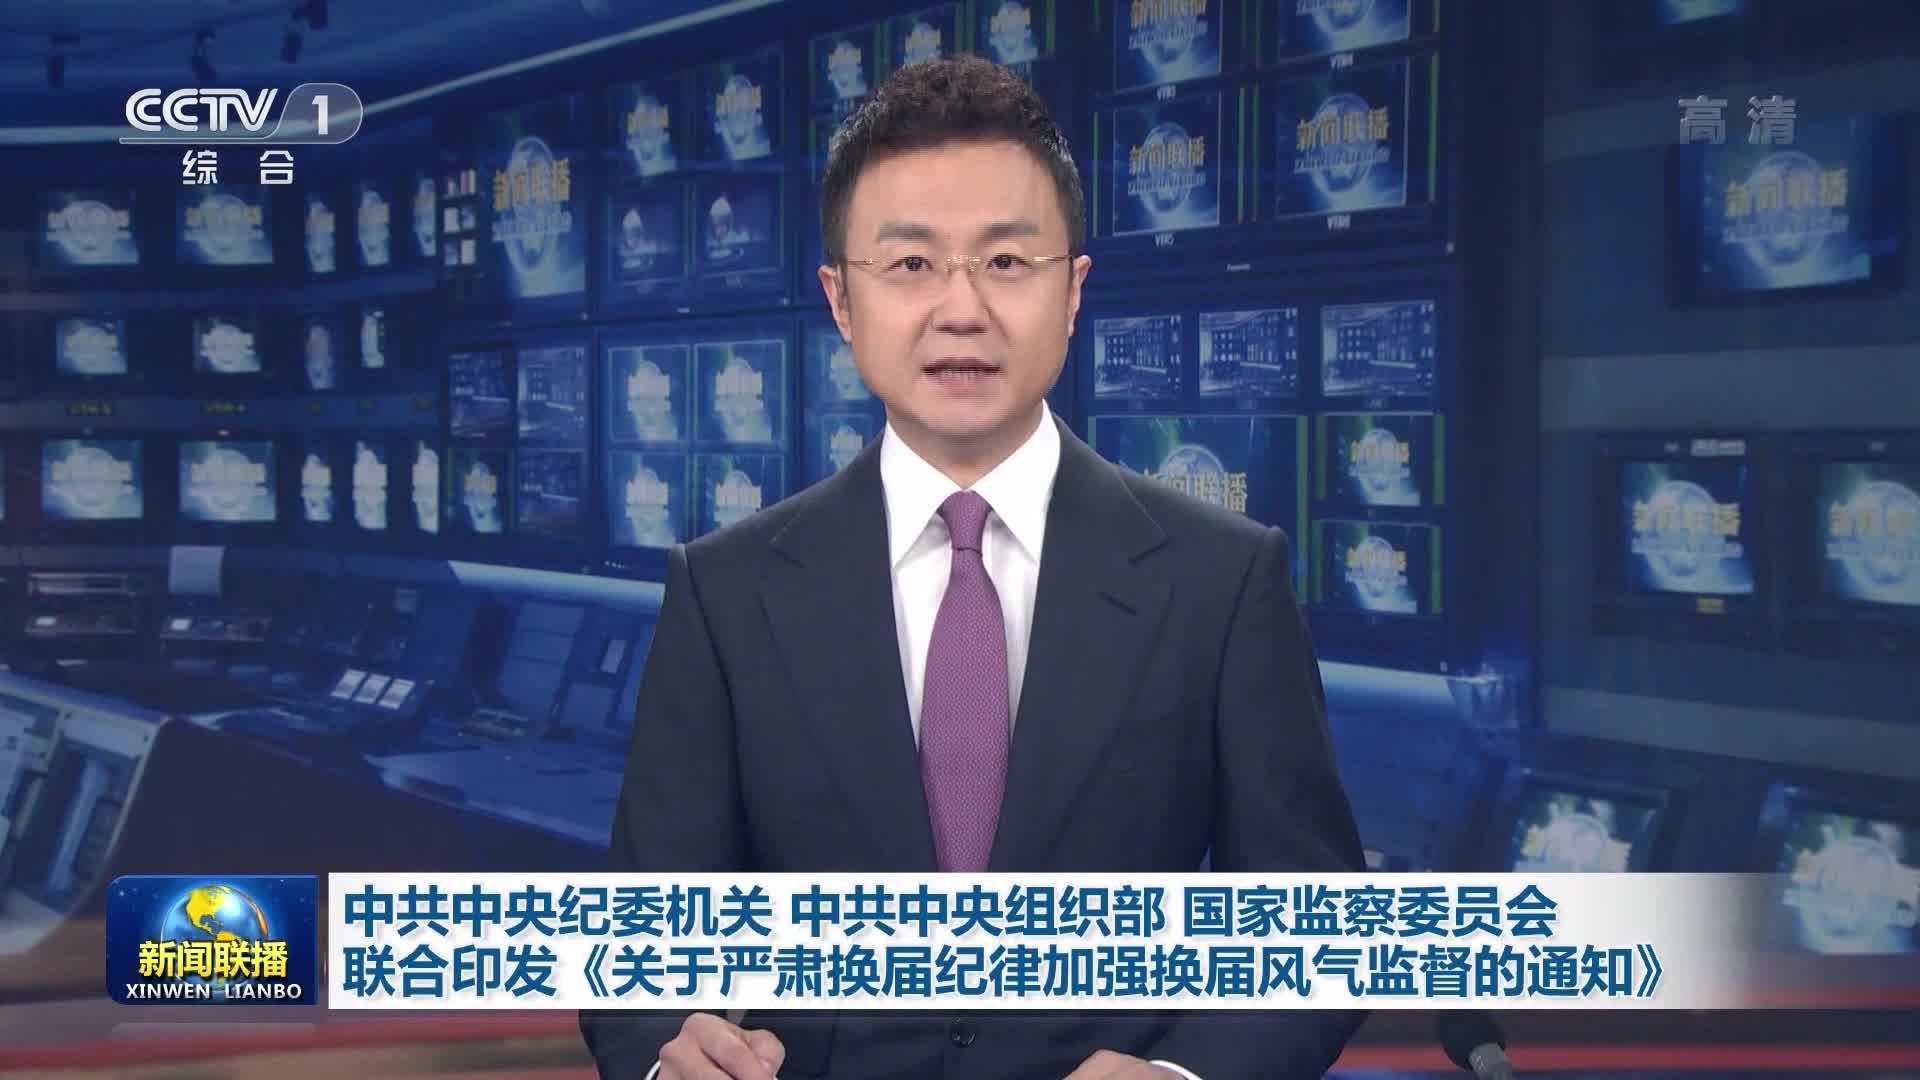 中共中央纪委机关 中共中央组织部 国家监察委员会联合印发《关于严肃换届纪律加强换届风气监督的通知》